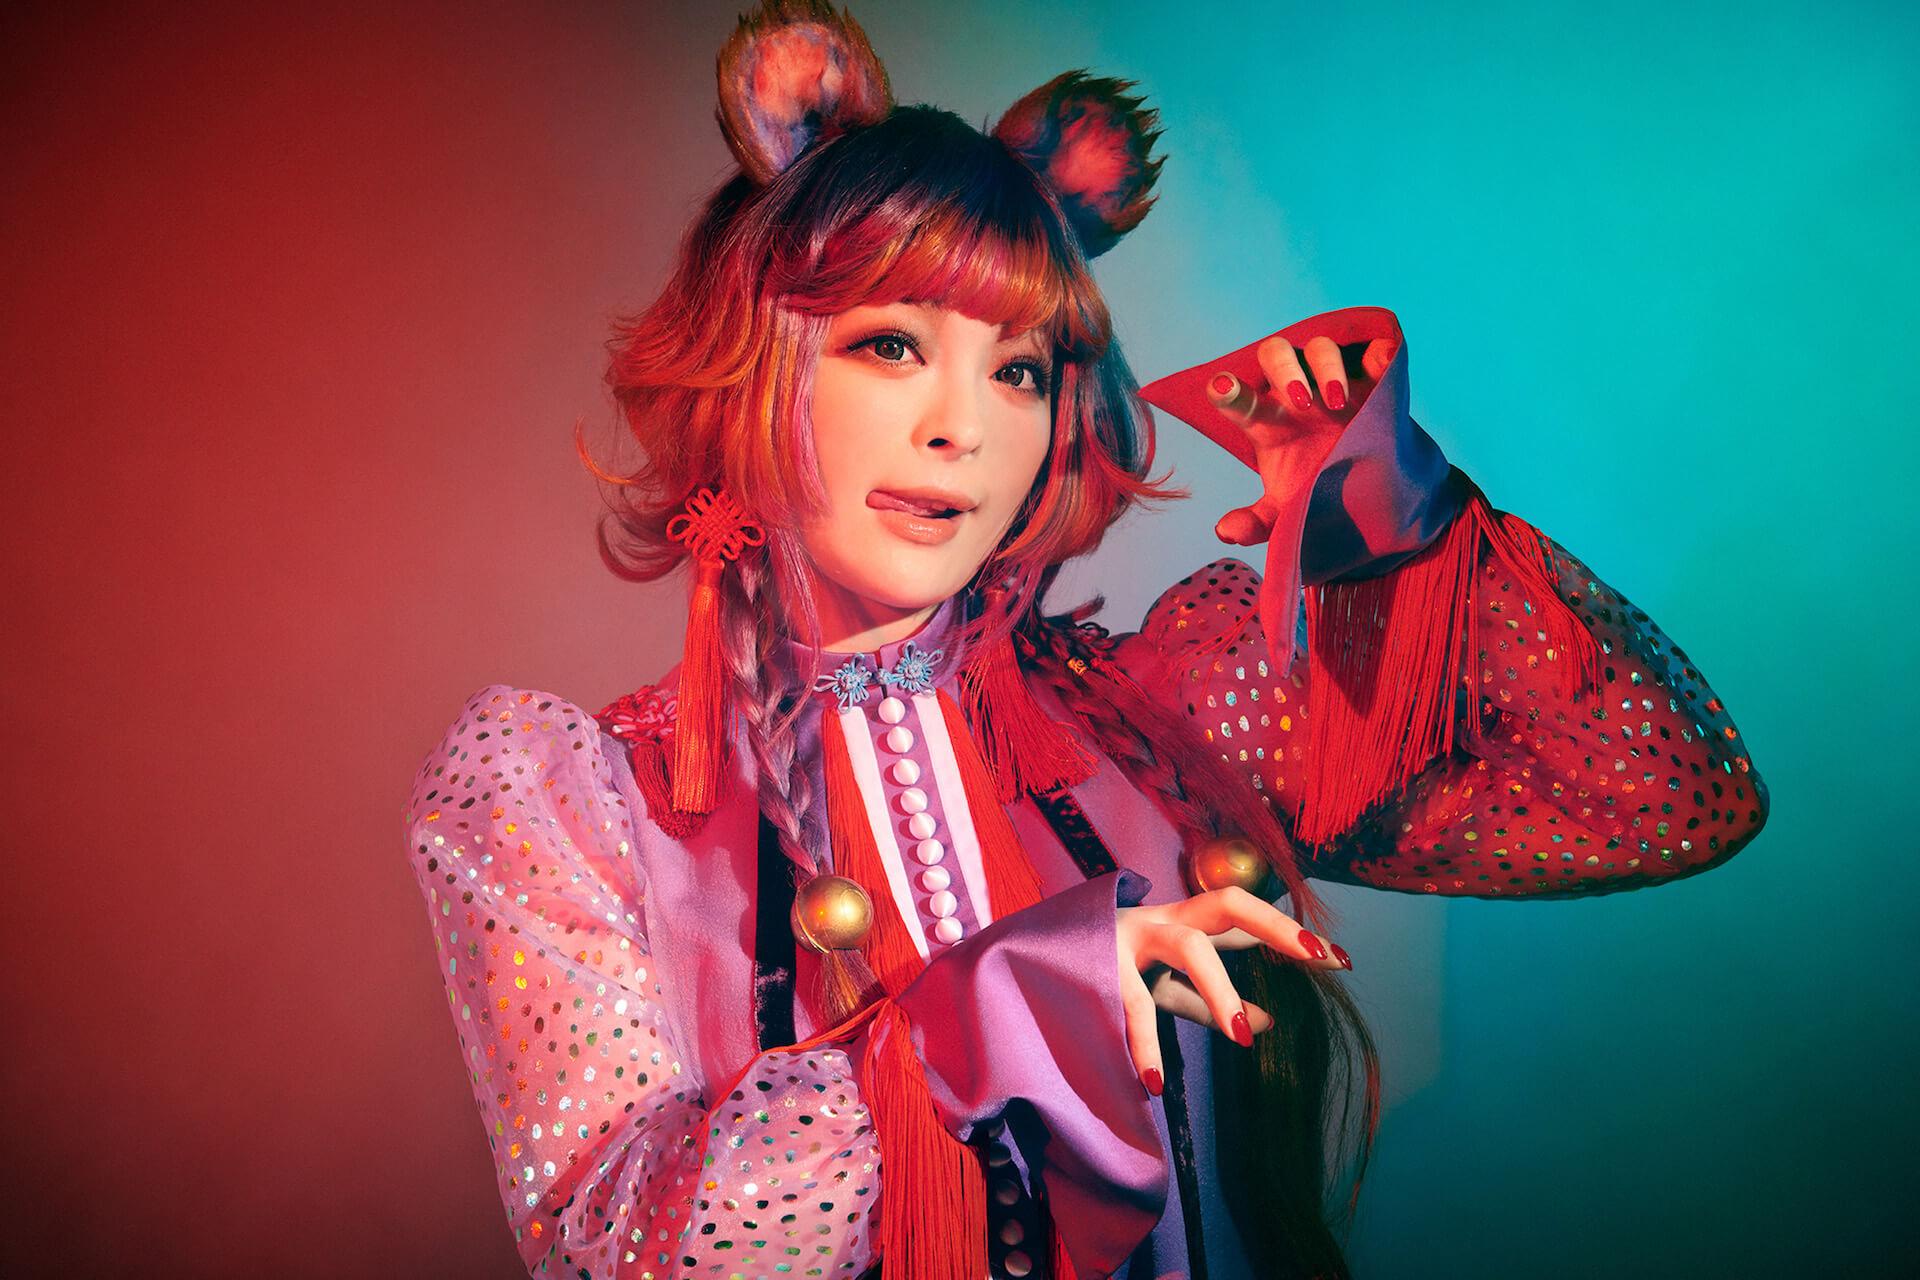 <バーチャル渋谷 au 5G ハロウィーンフェス>がついに本日開幕!最終日はEllen Allien、SURGEONら参加のDOMMUNEコラボイベントも実施 music201026_shibuya_halloween_5